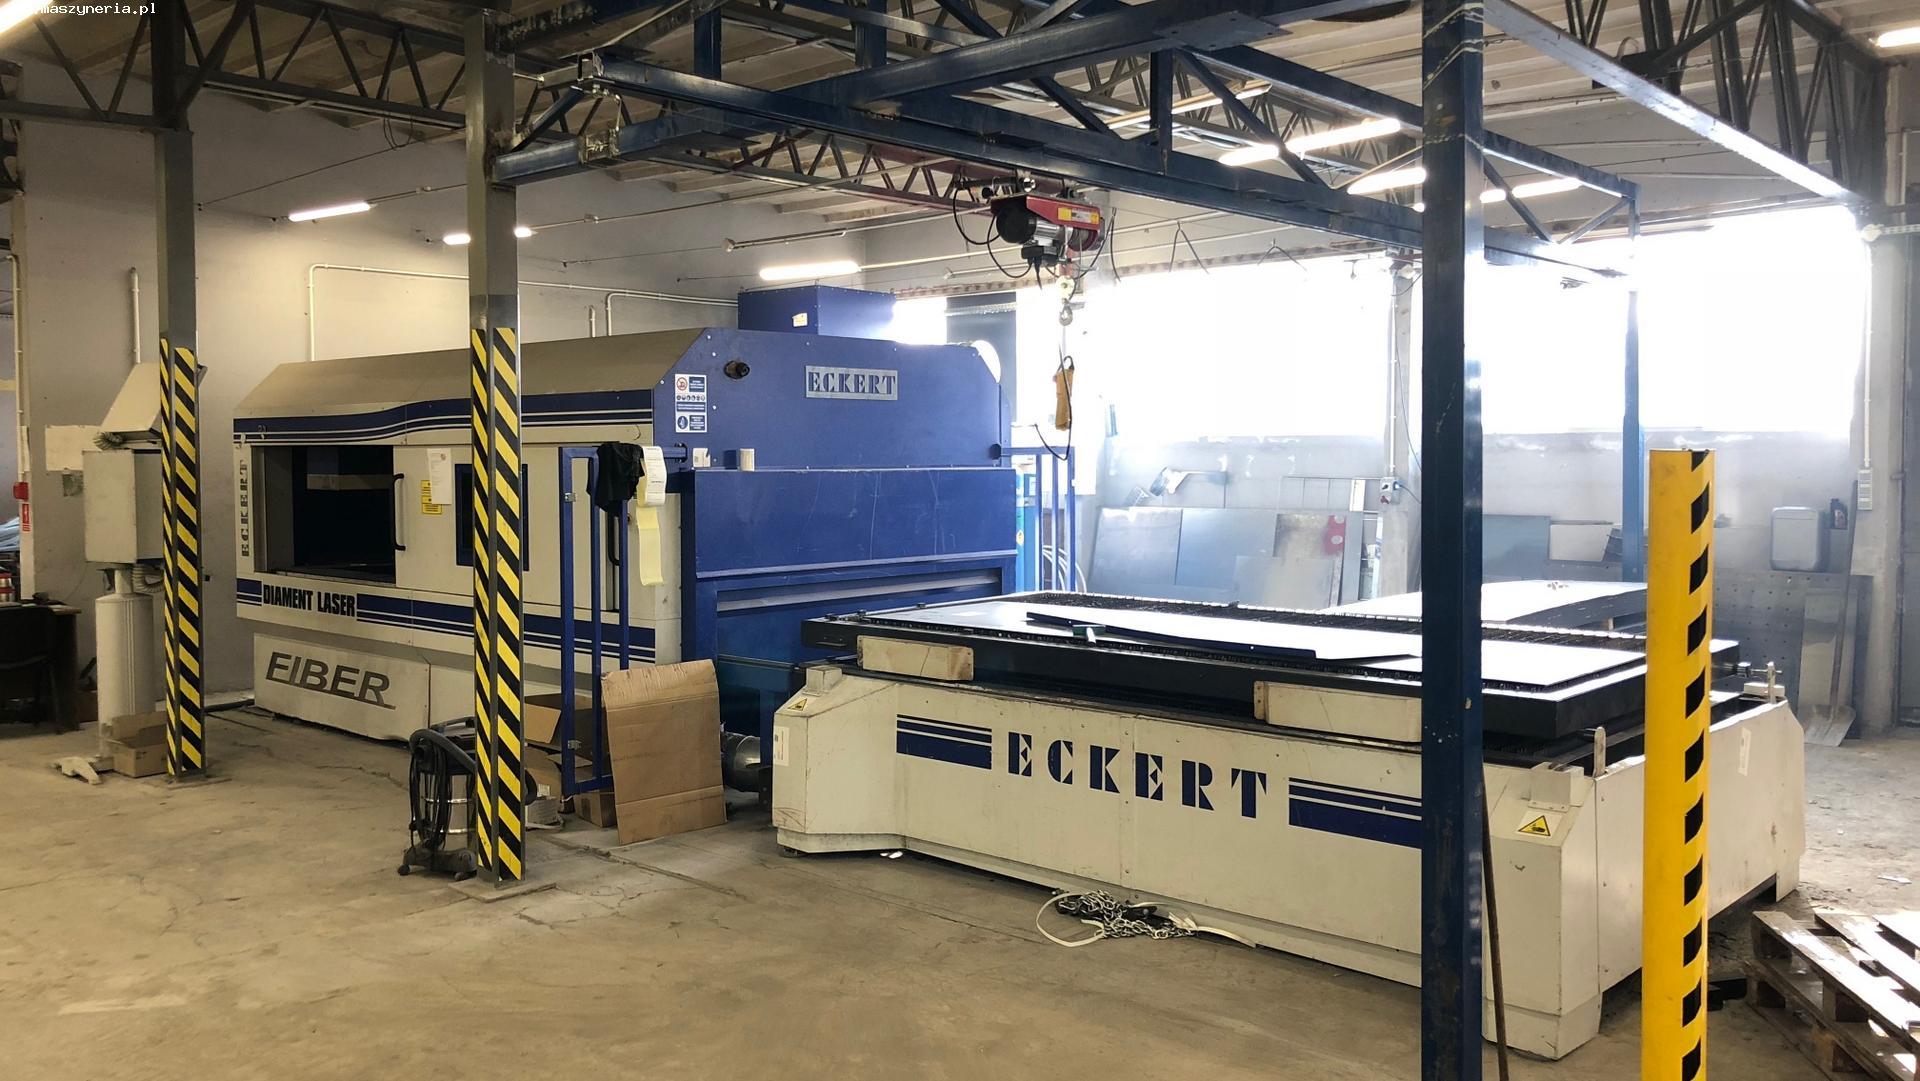 Macchina taglio laser fibra ECKERT DIAMENT FIBER 2 KW in vendita - foto 1